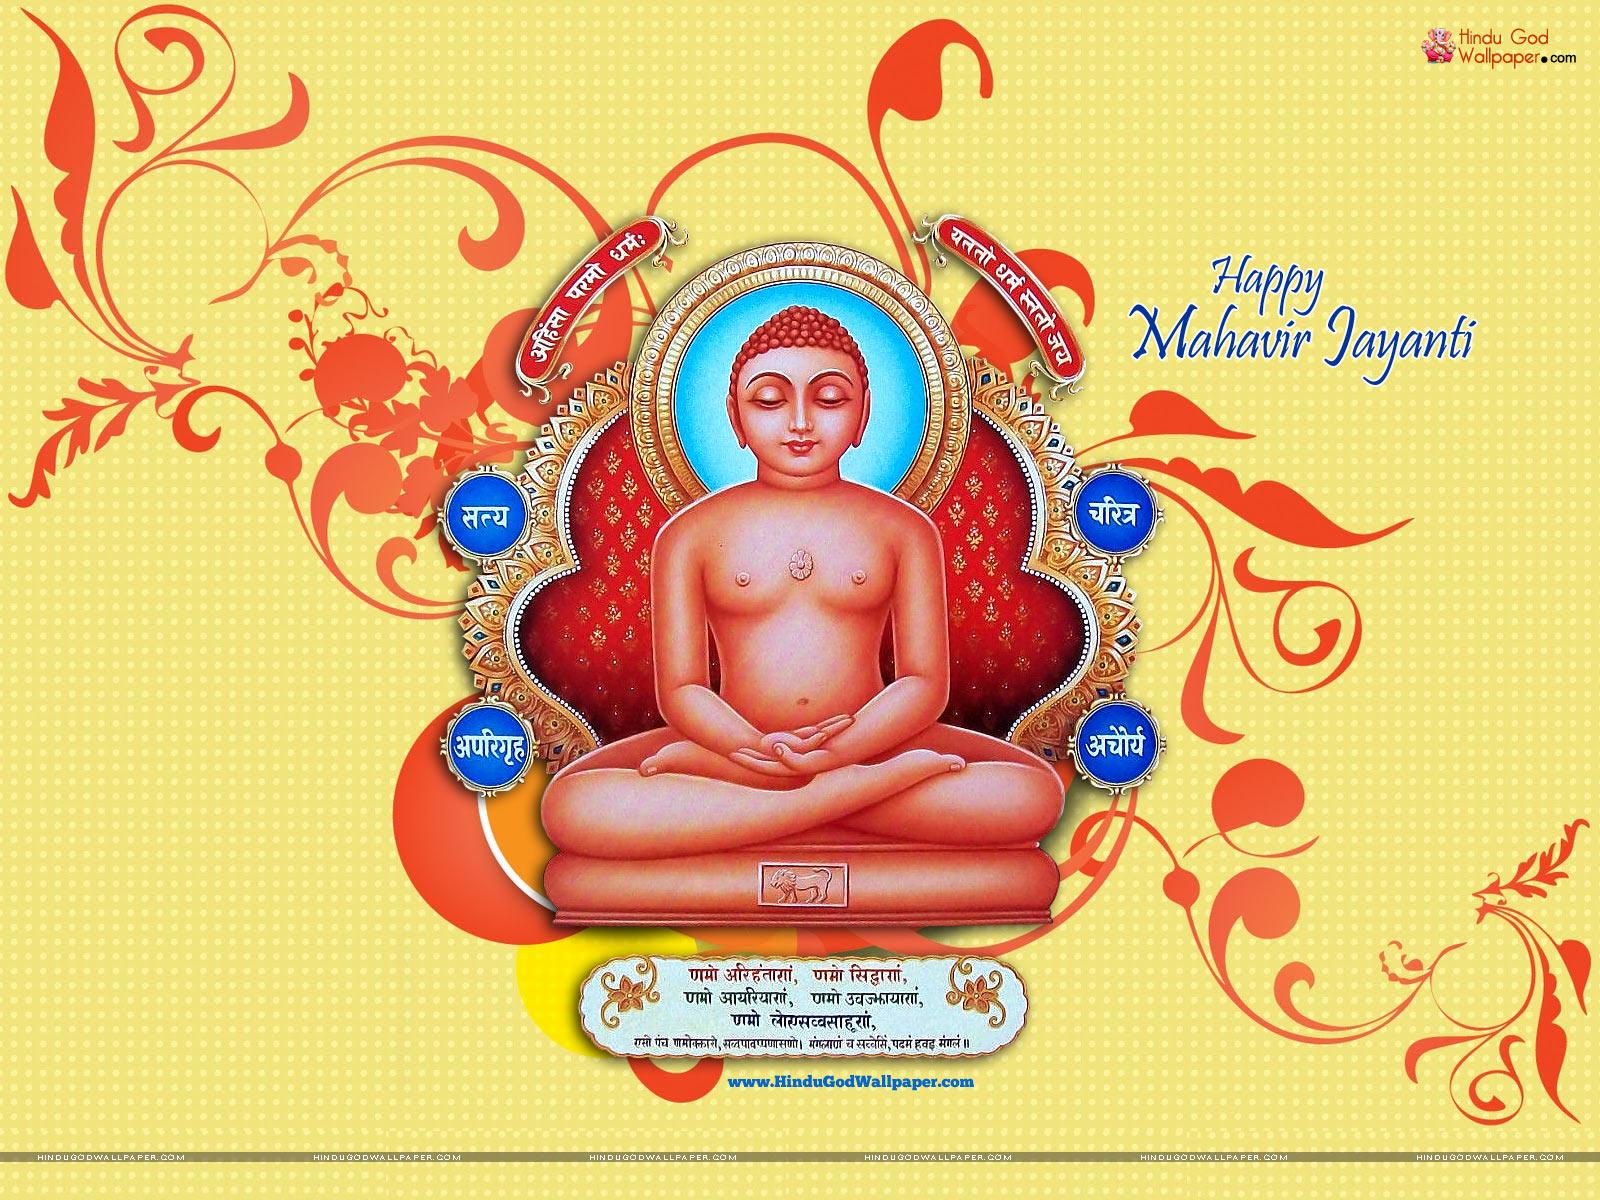 mahavir jayanti wallpaper